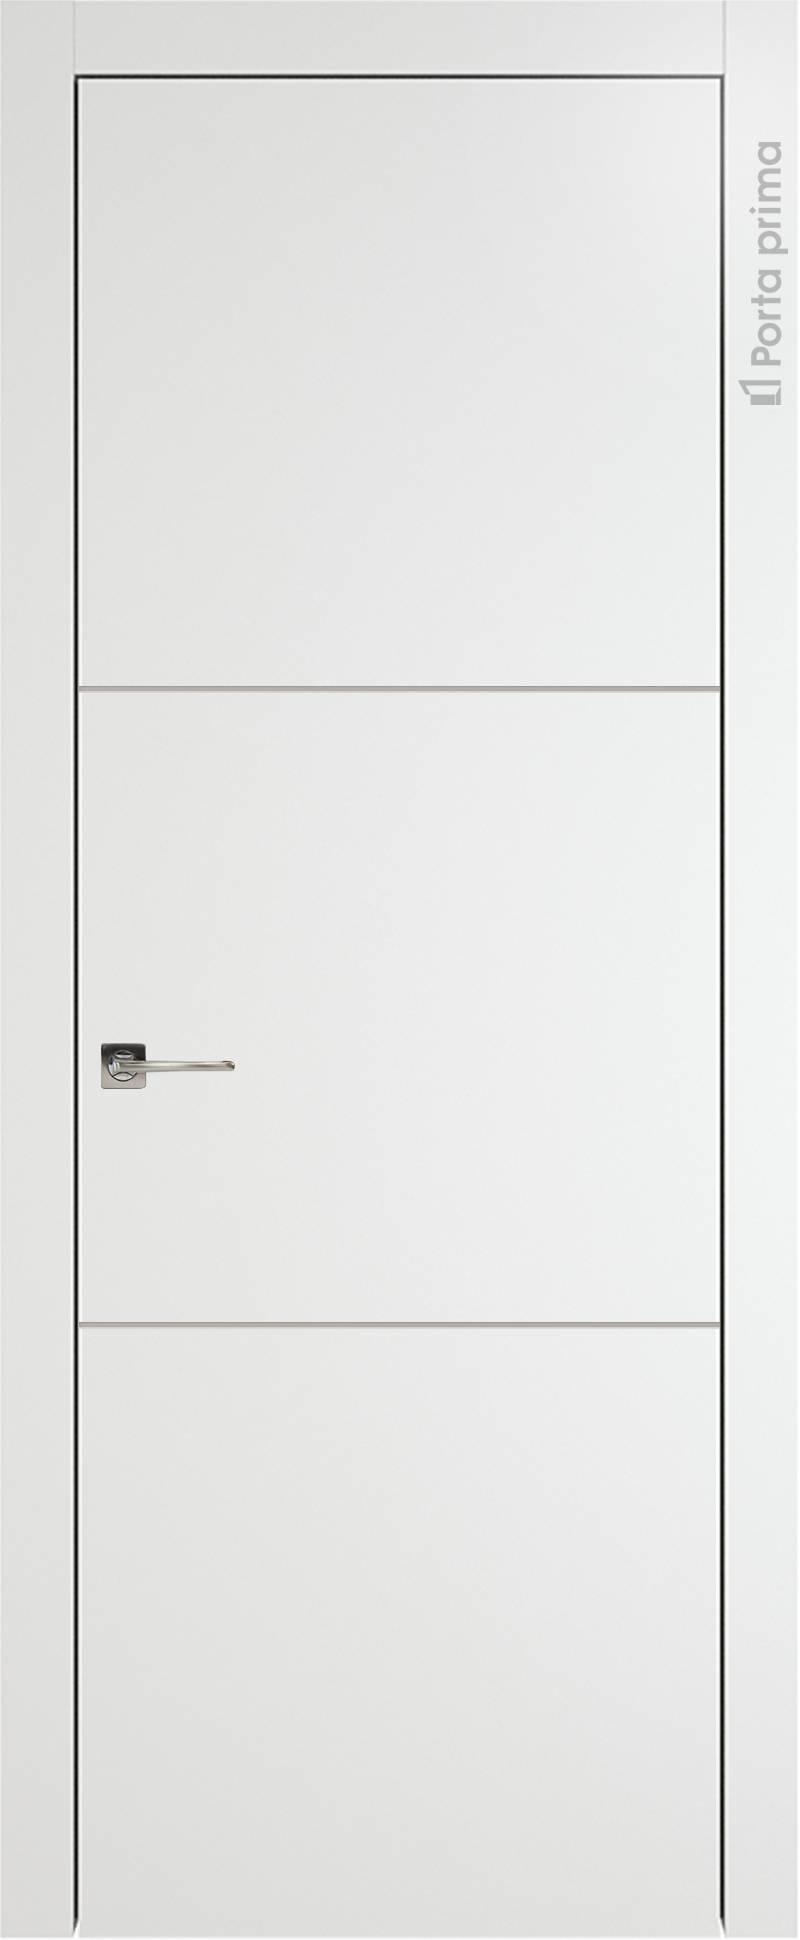 Tivoli В-2 цвет - Белая эмаль (RAL 9003) Без стекла (ДГ)